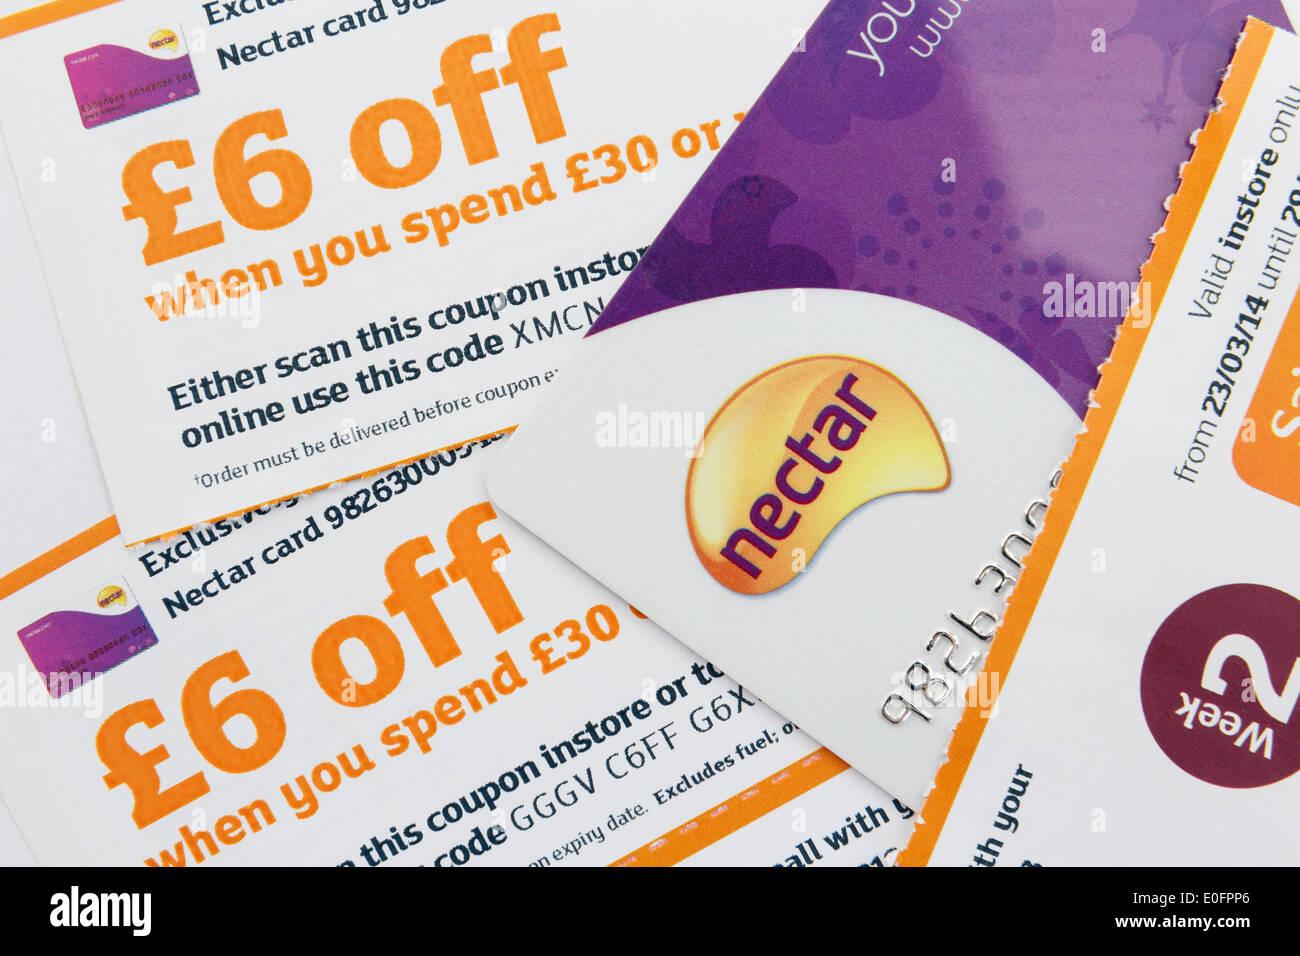 Nektar-Karte mit £6 Rabatt Gutscheine, wenn Sie in einem Sainsbury Supermarkt Shop zu verbringen. England, UK, Großbritannien Stockbild